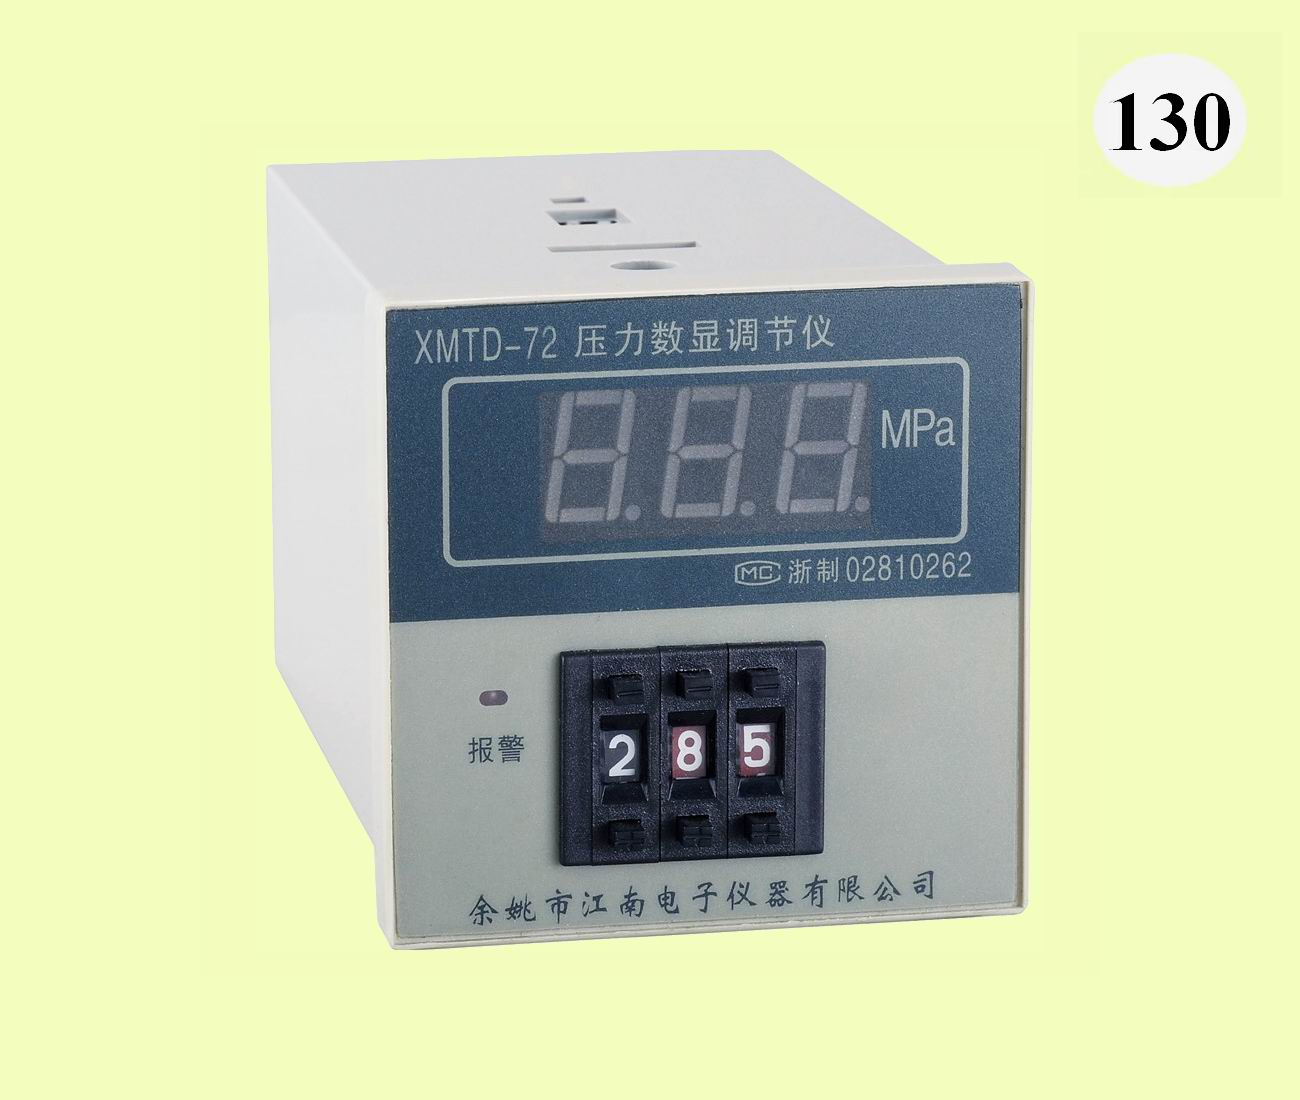 xmtd-72压力数显调节仪